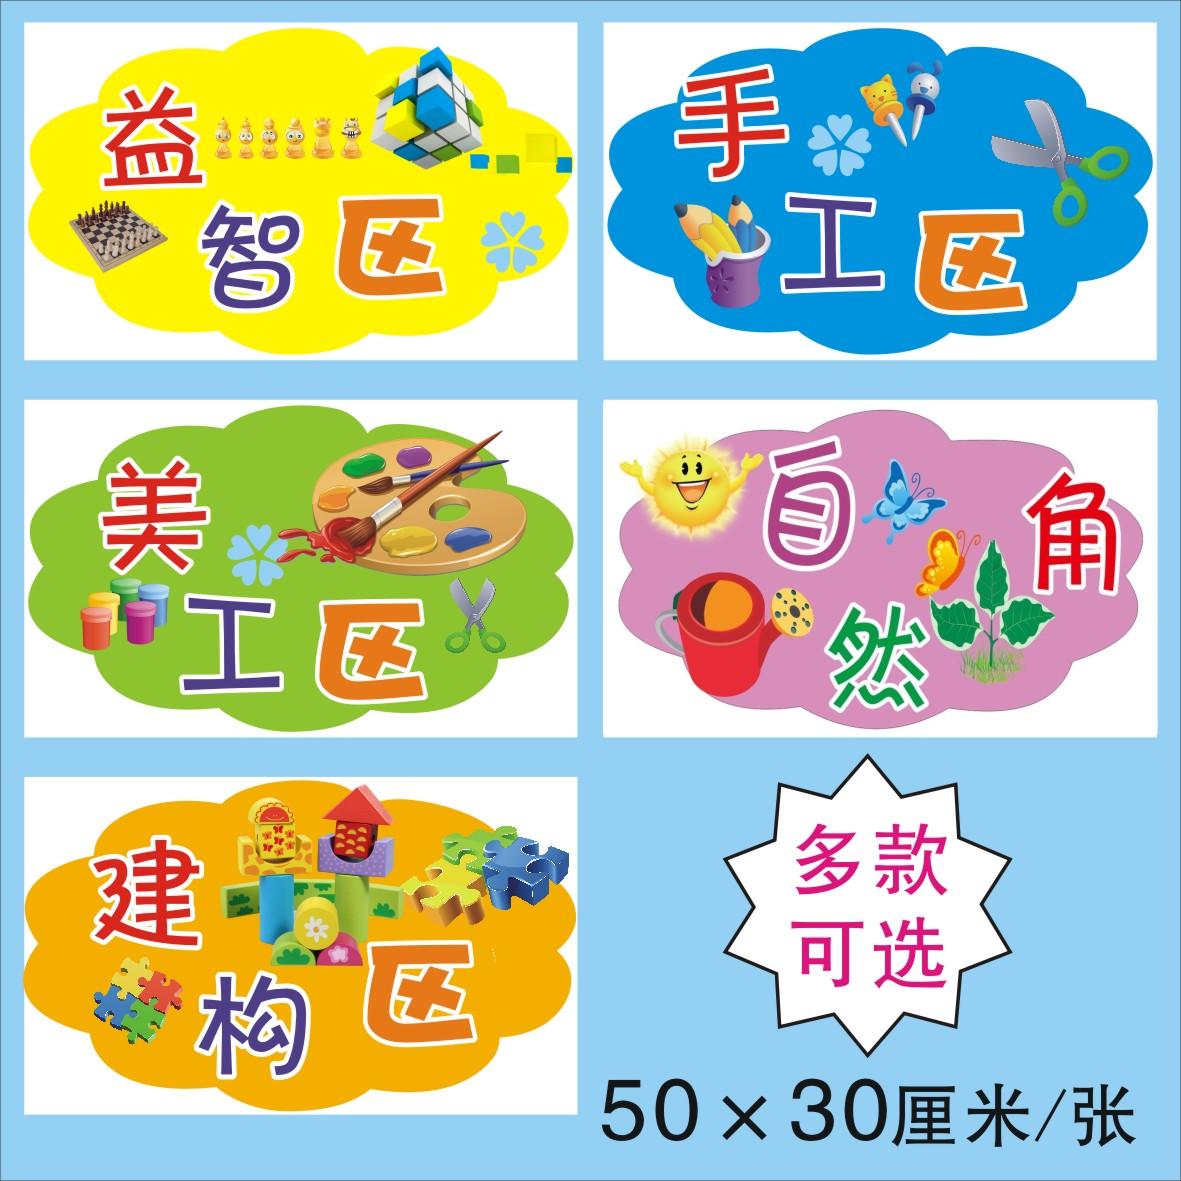 Площадь марка марк детский сад деятельность площадь имя знаки марка продвижение площадь карта площадь индекс знание площадь угол правило